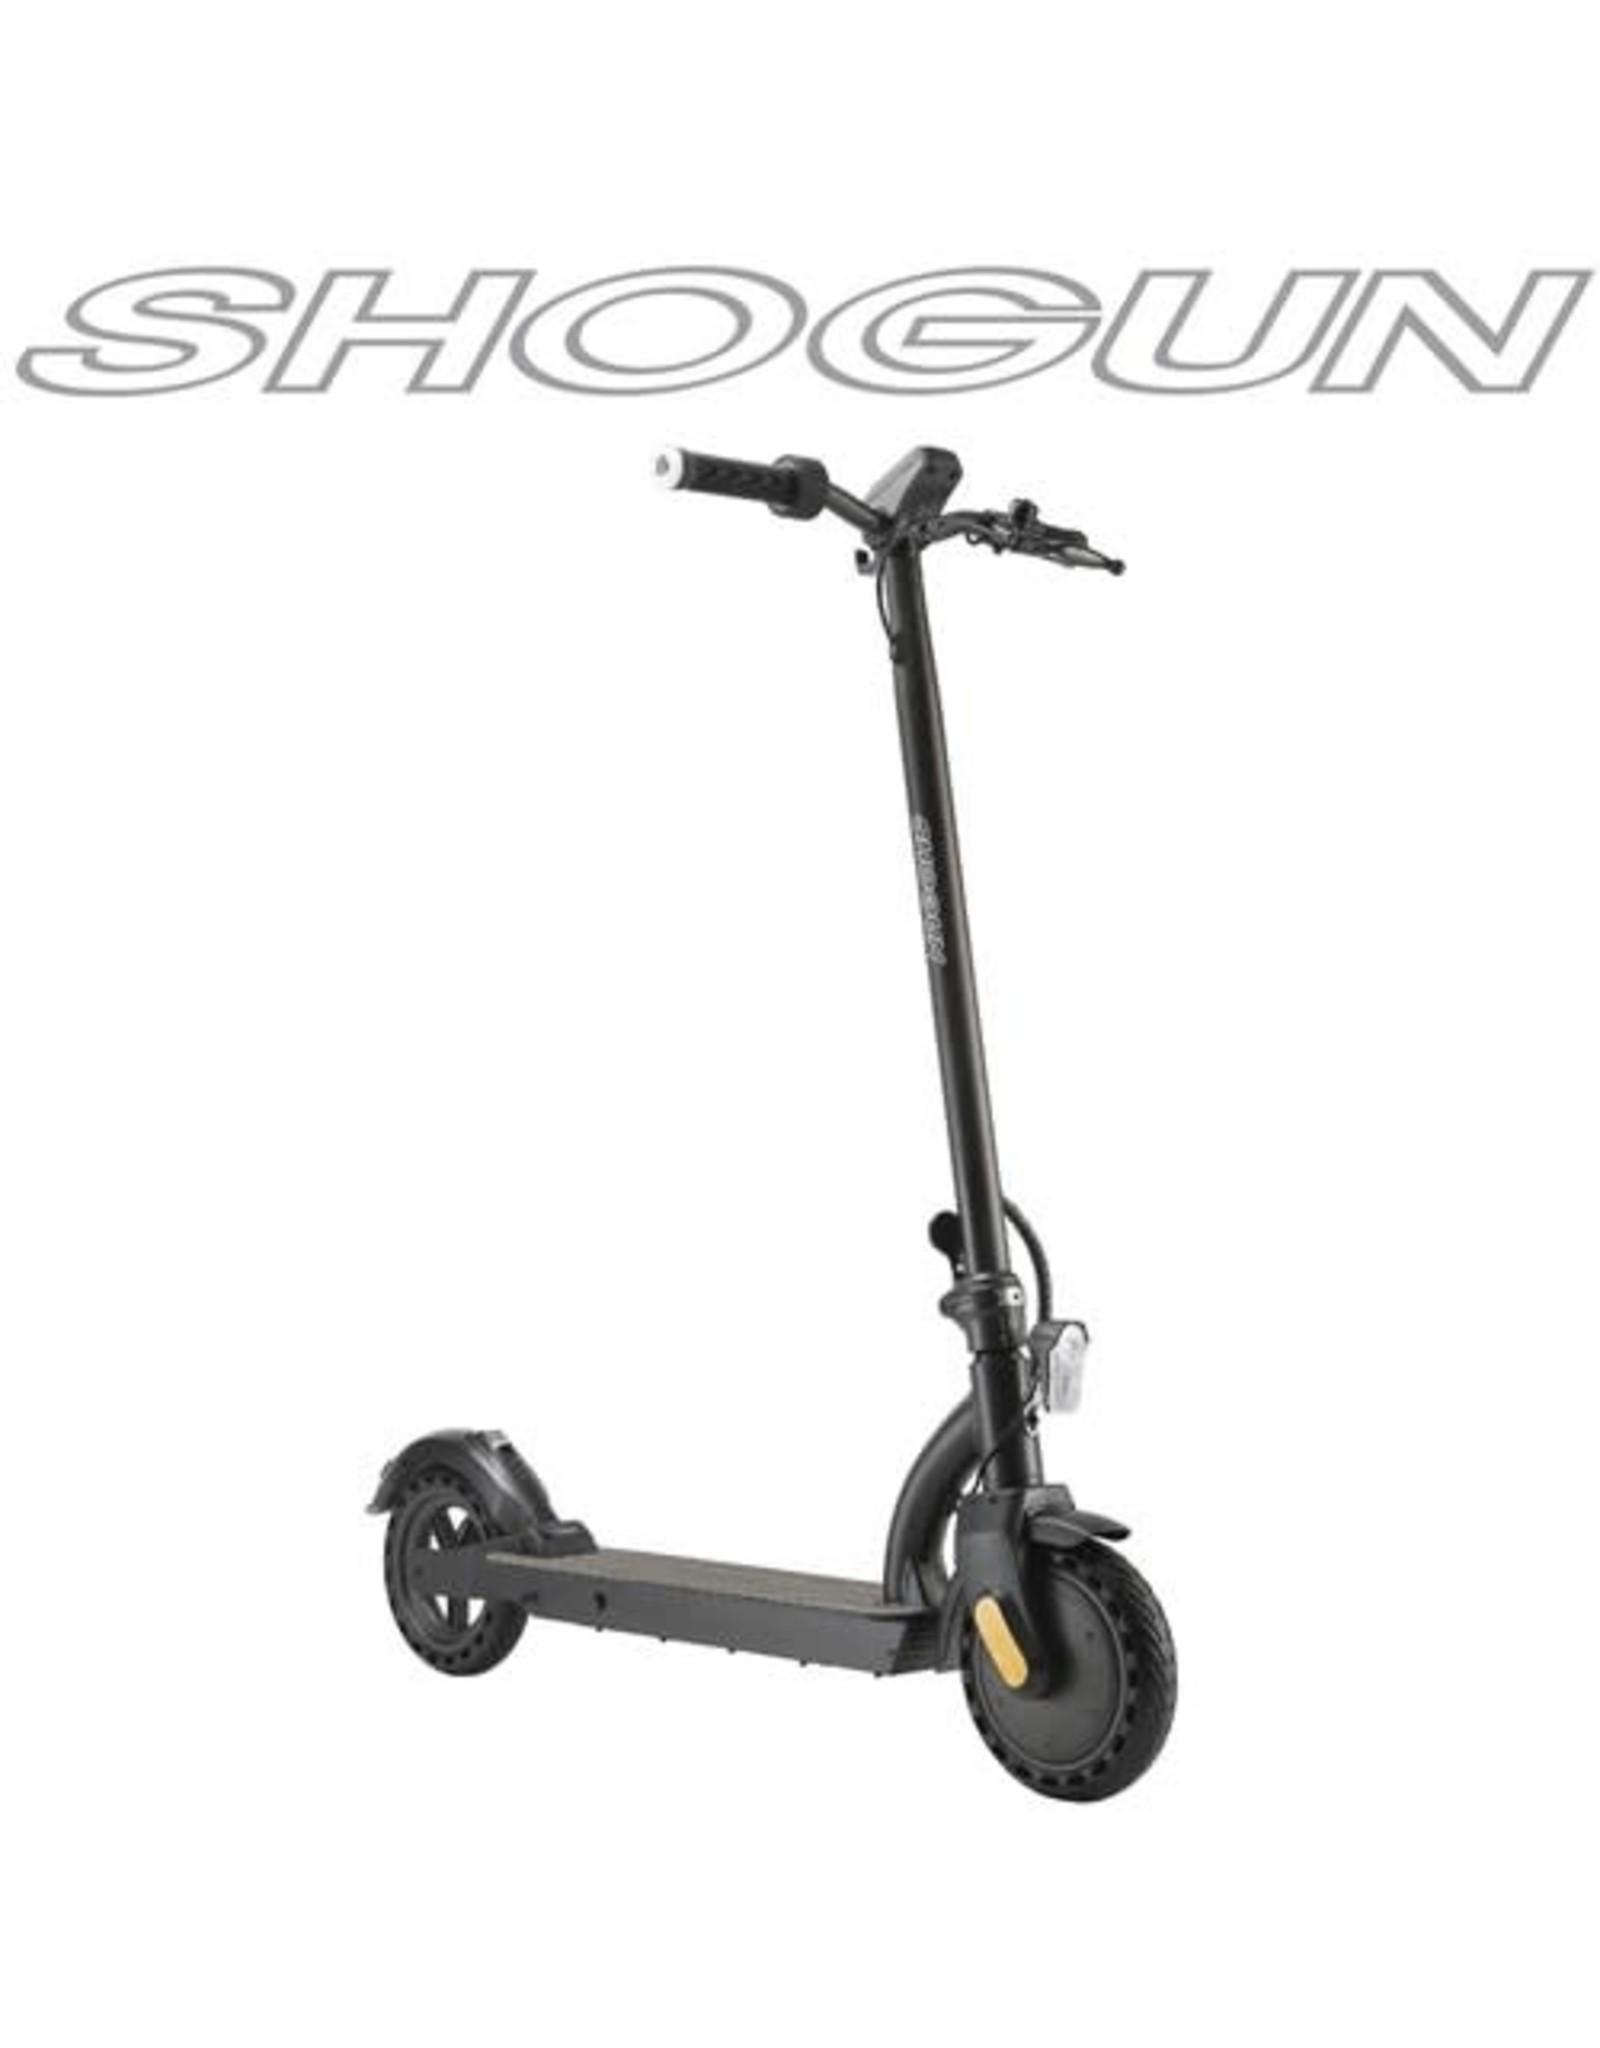 SHOGUN E-FLYER SCOOTER